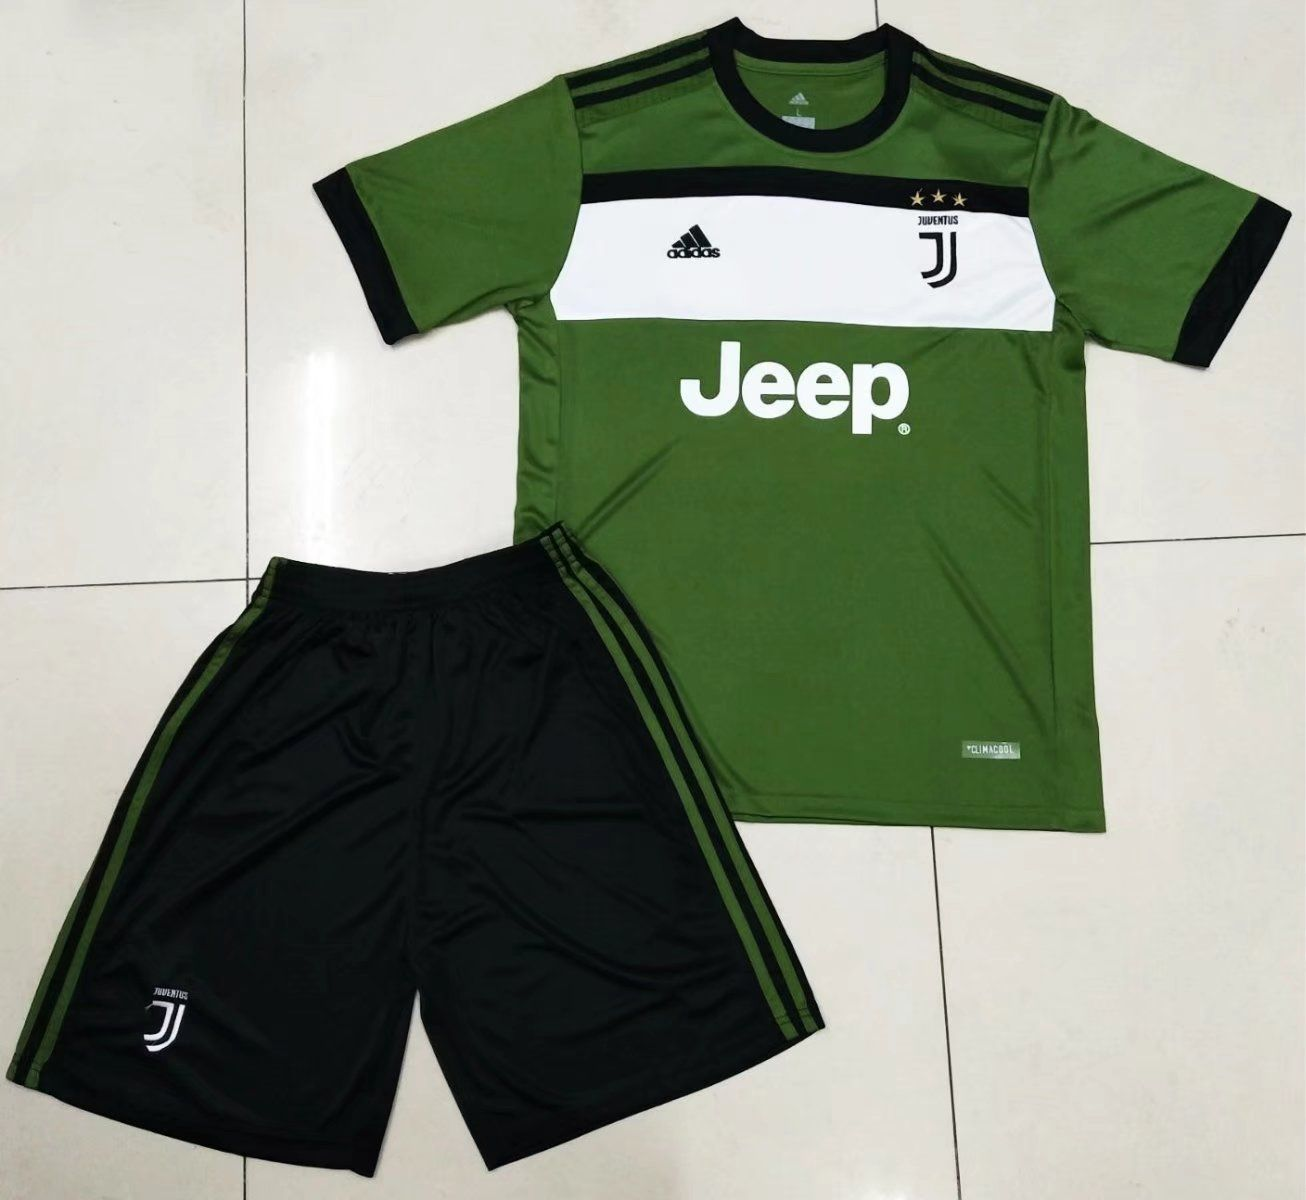 0b904ffae 2017 18 Adult Juventus Third Away Soccer Jersey Uniform Green Black ...